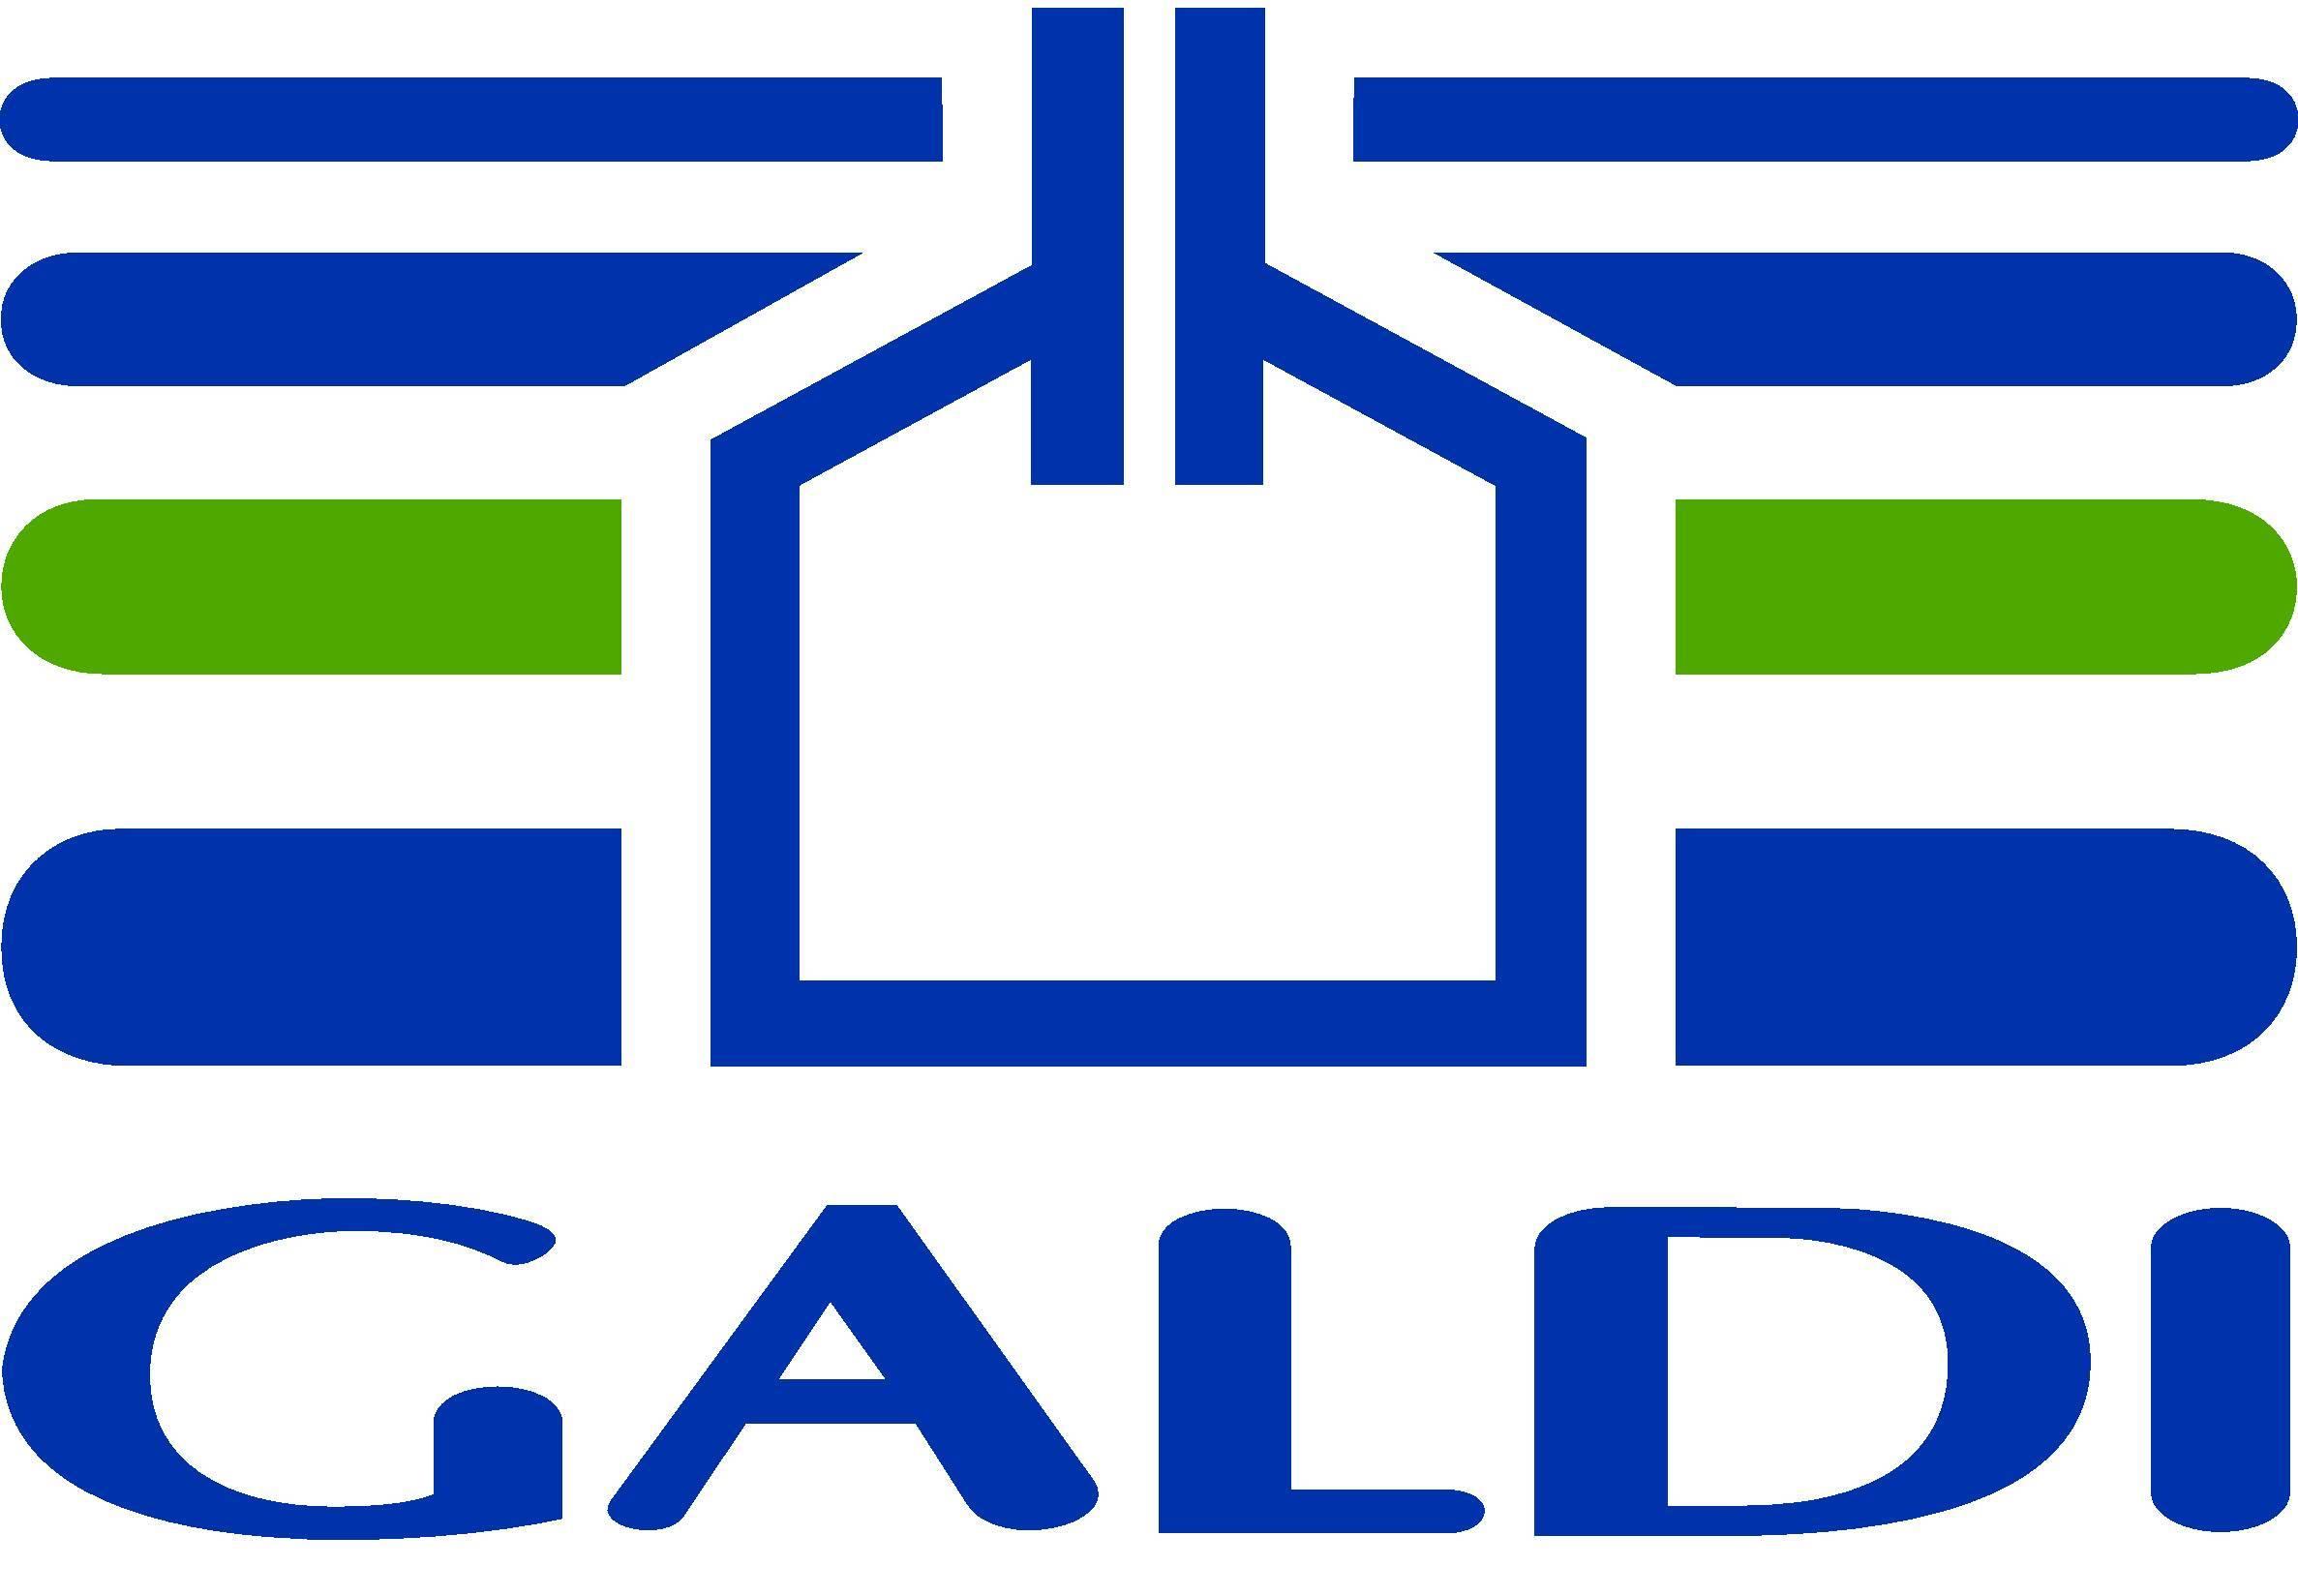 Первая машина GALDI на молочном заводе Армении